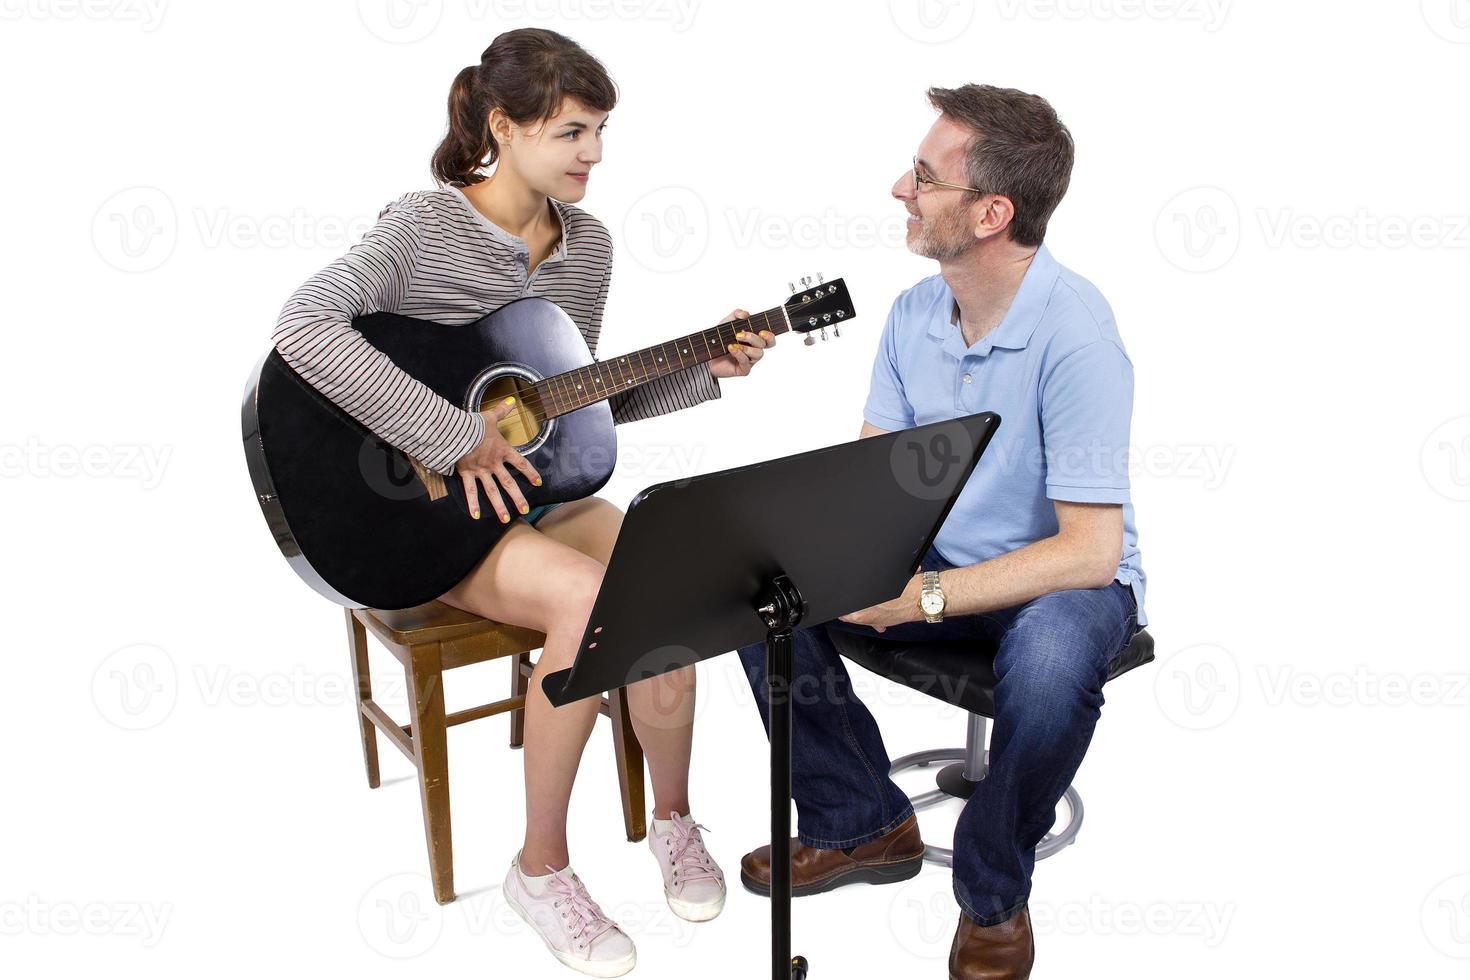 cours de musique avec guitare photo